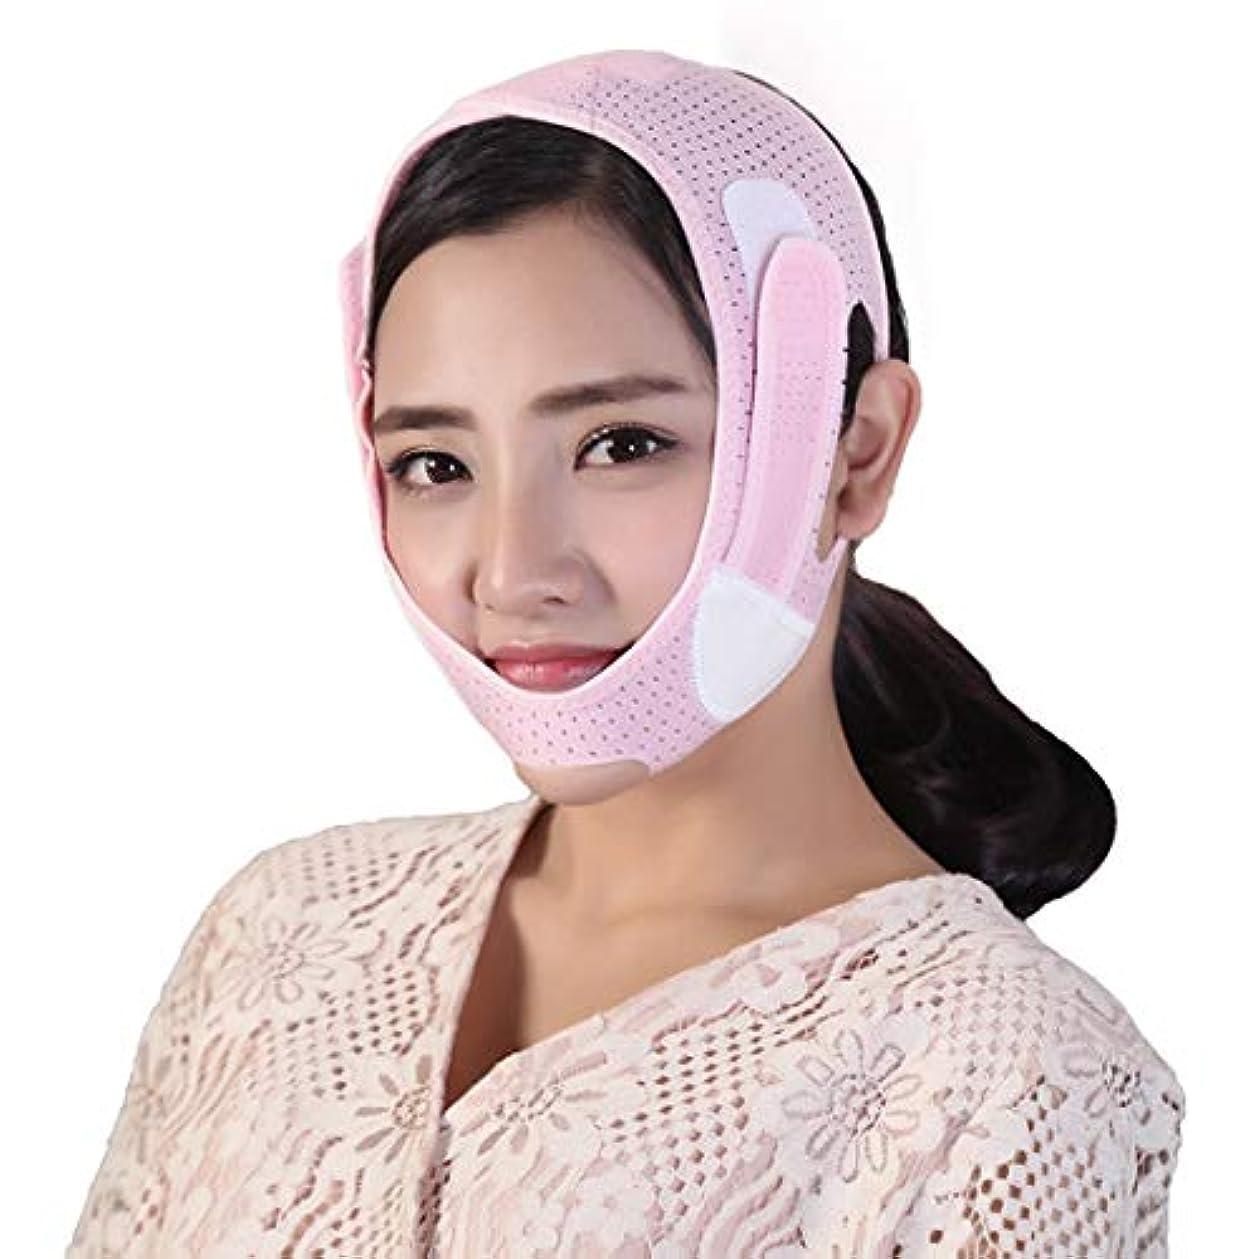 割り当て復讐省略ZWBD フェイスマスク, フェイスリフティングマスクマスク包帯小v顔アーティファクトマスクリフティング二重あご